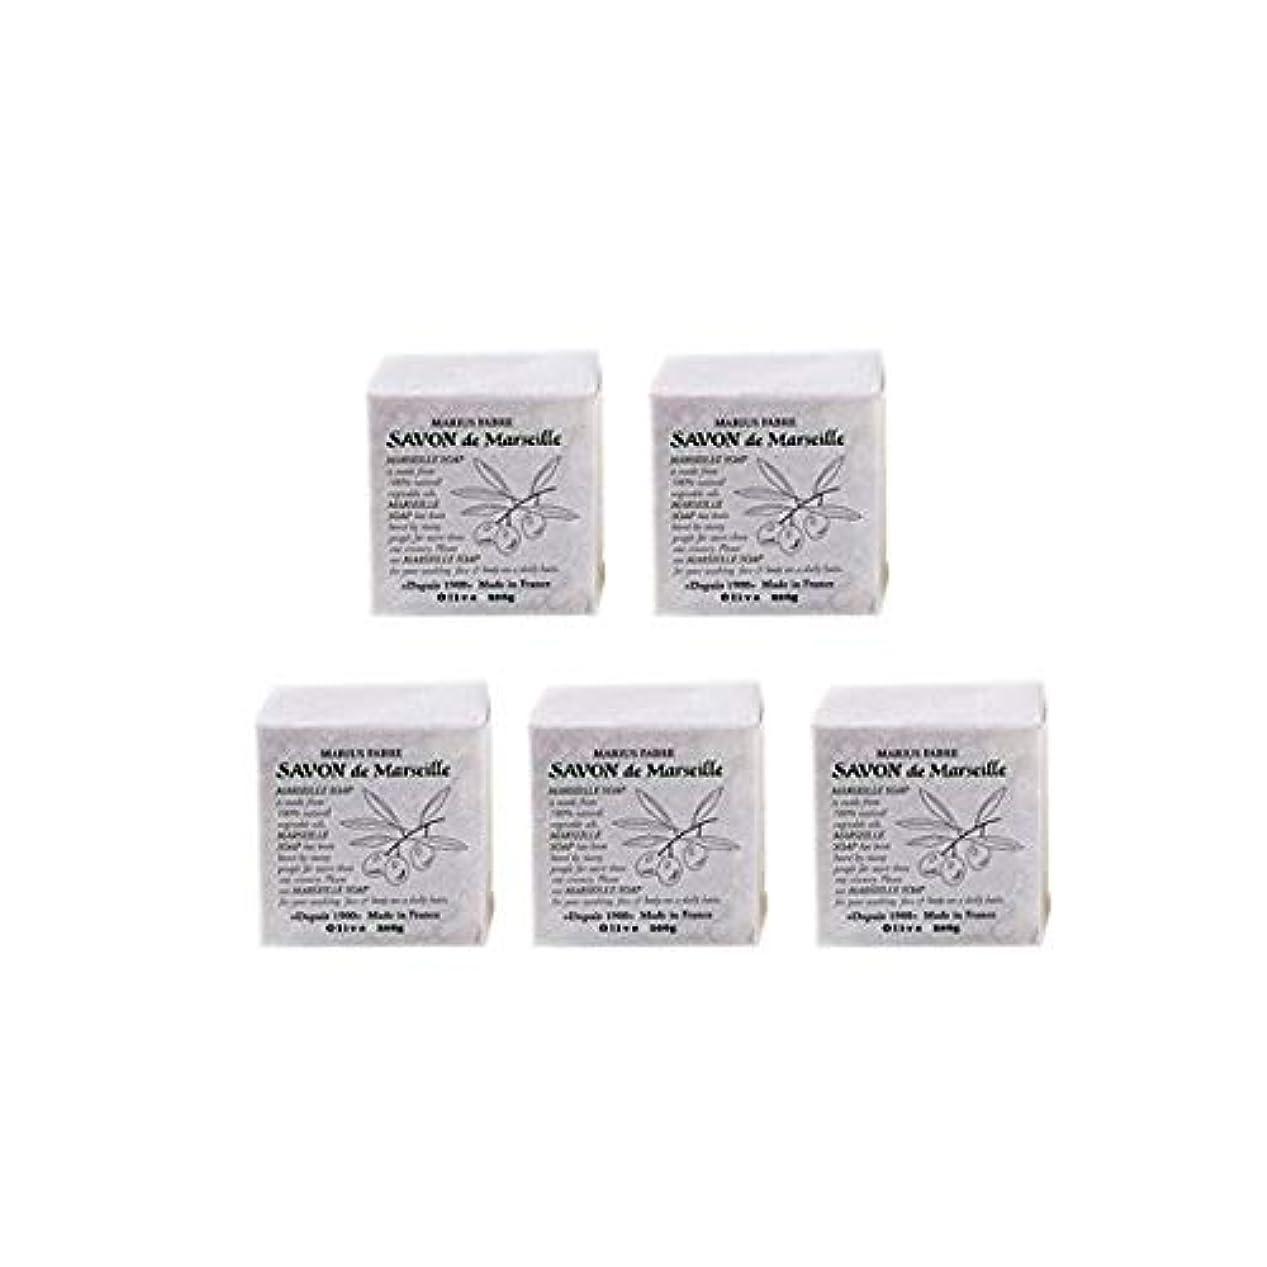 ピーク自体加入マリウスファーブルサボンドマルセイユ無香料オリーブN(無香料)5個セット(200g×5個)マリウスファーブルのマルセイユ石鹸 無香料